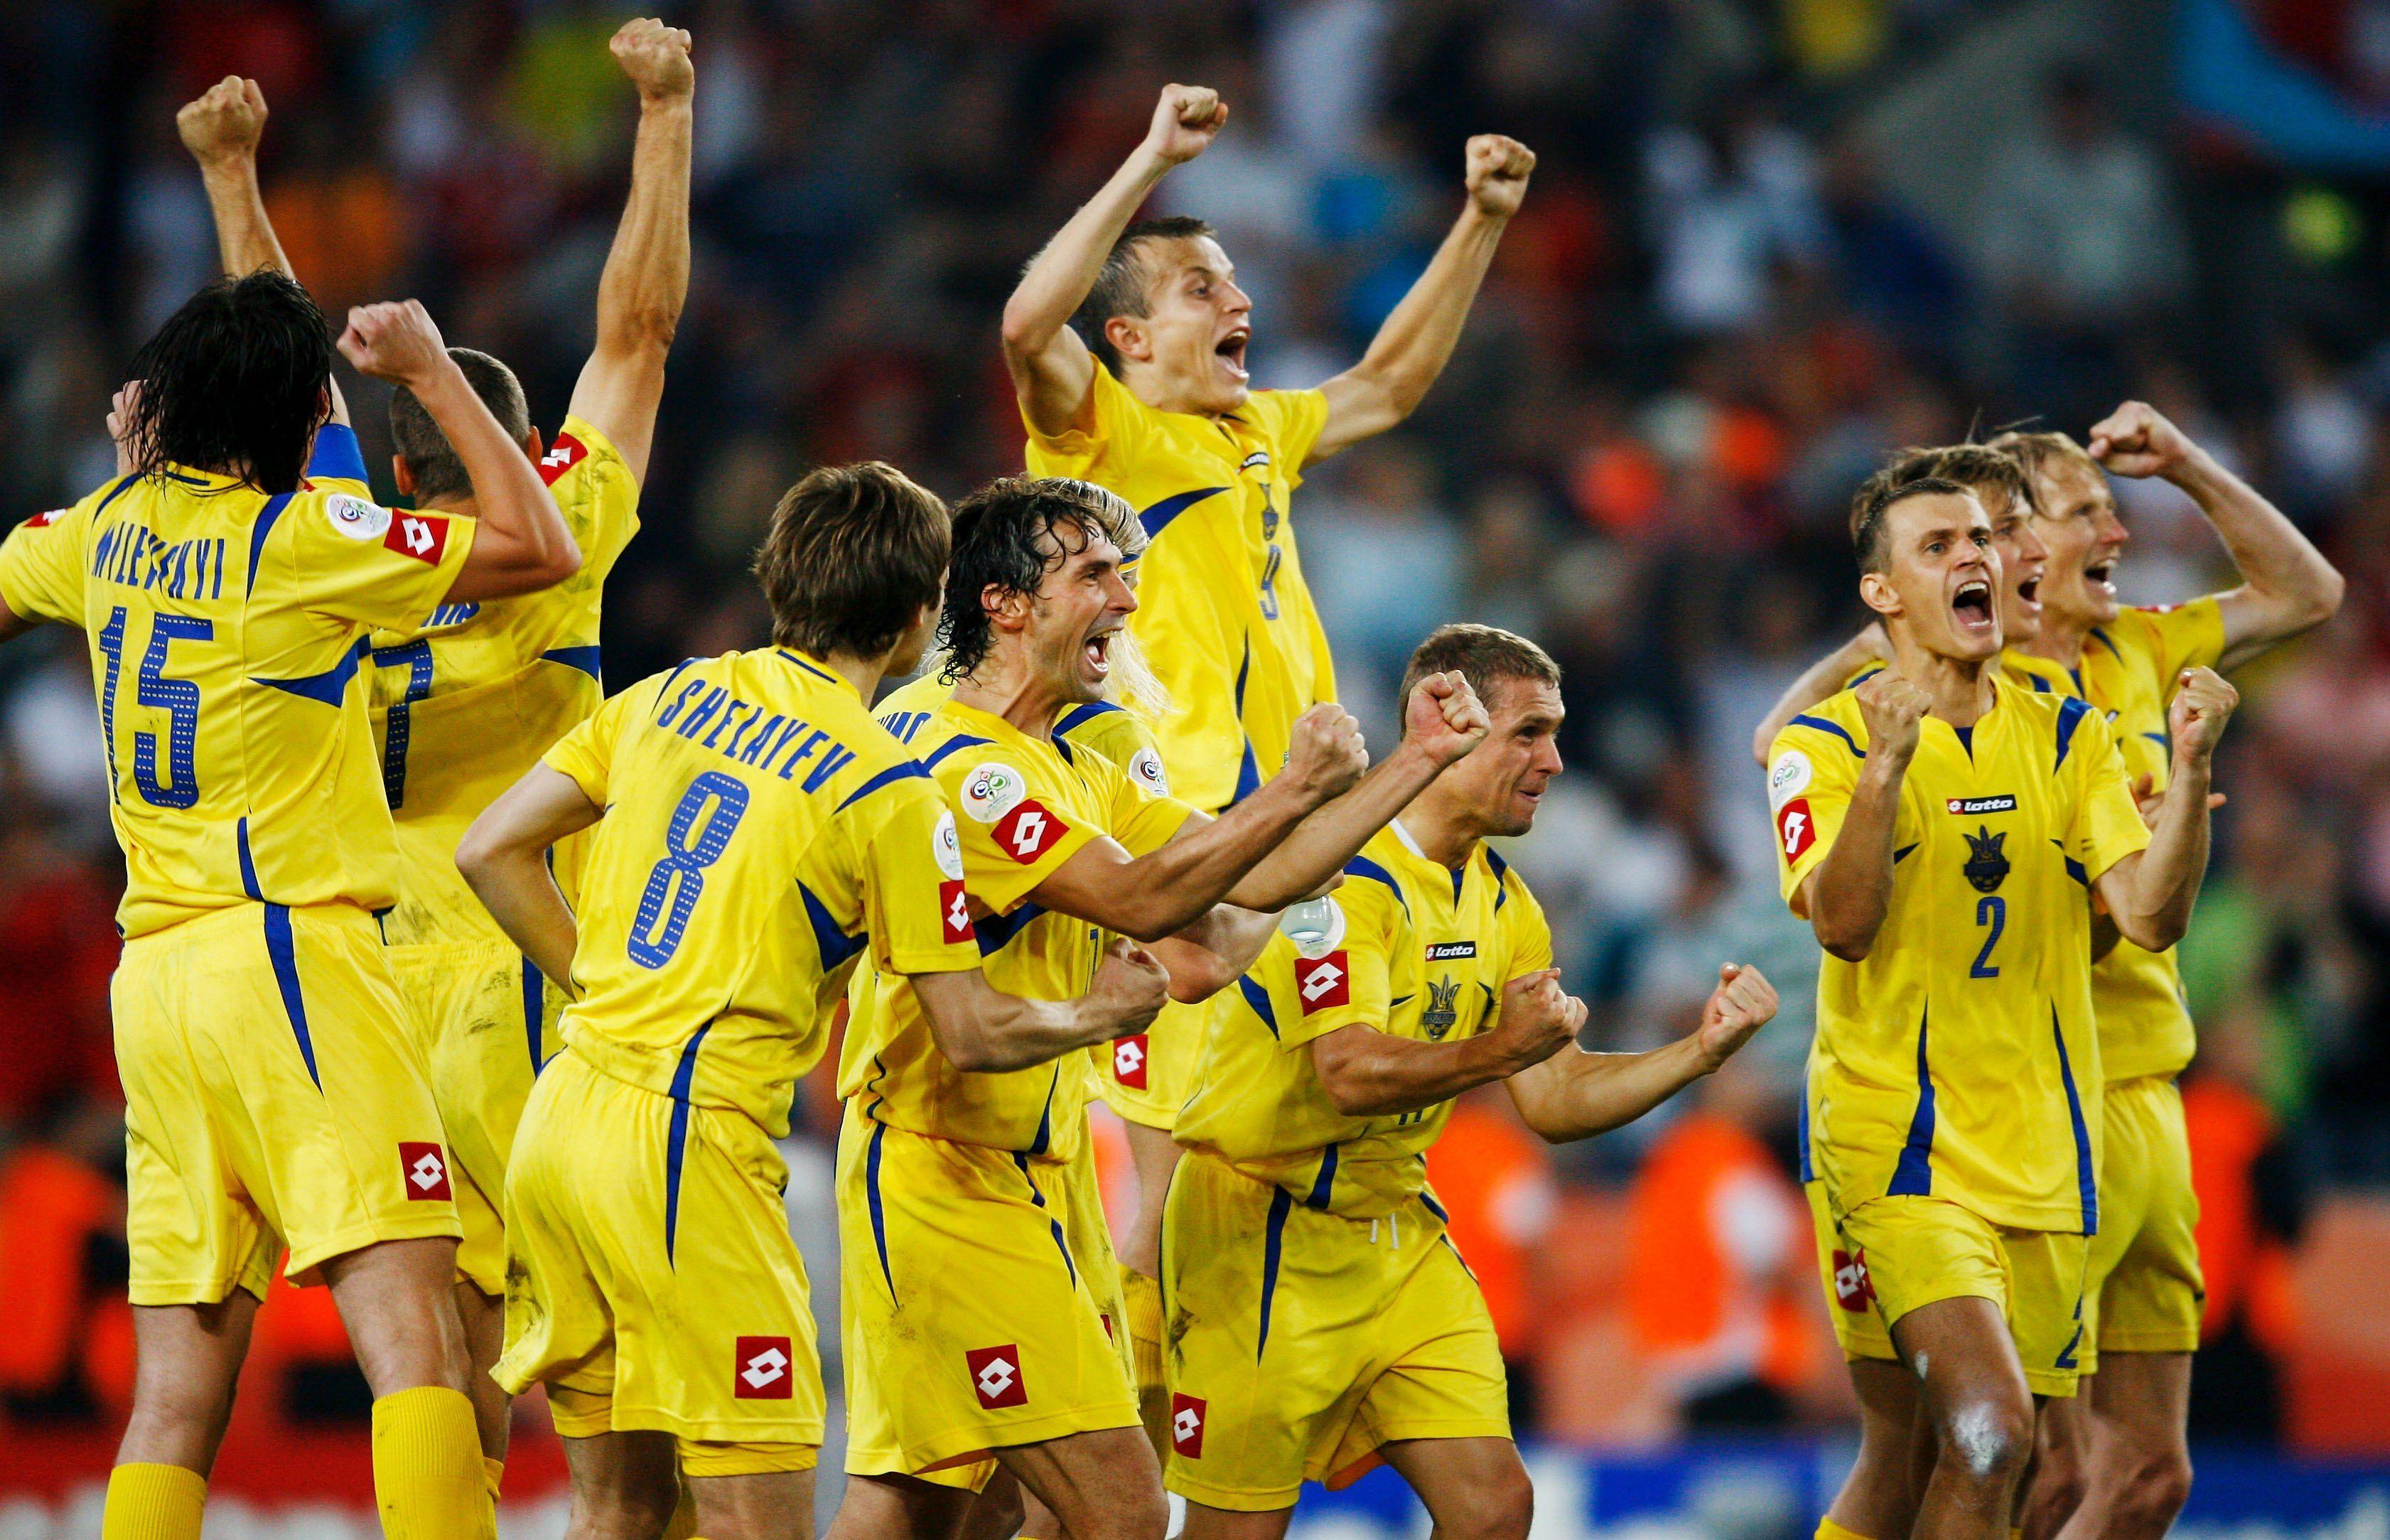 Швейцарія - Україна - 0:3 ЧС-2006, збірна України 2006 _2